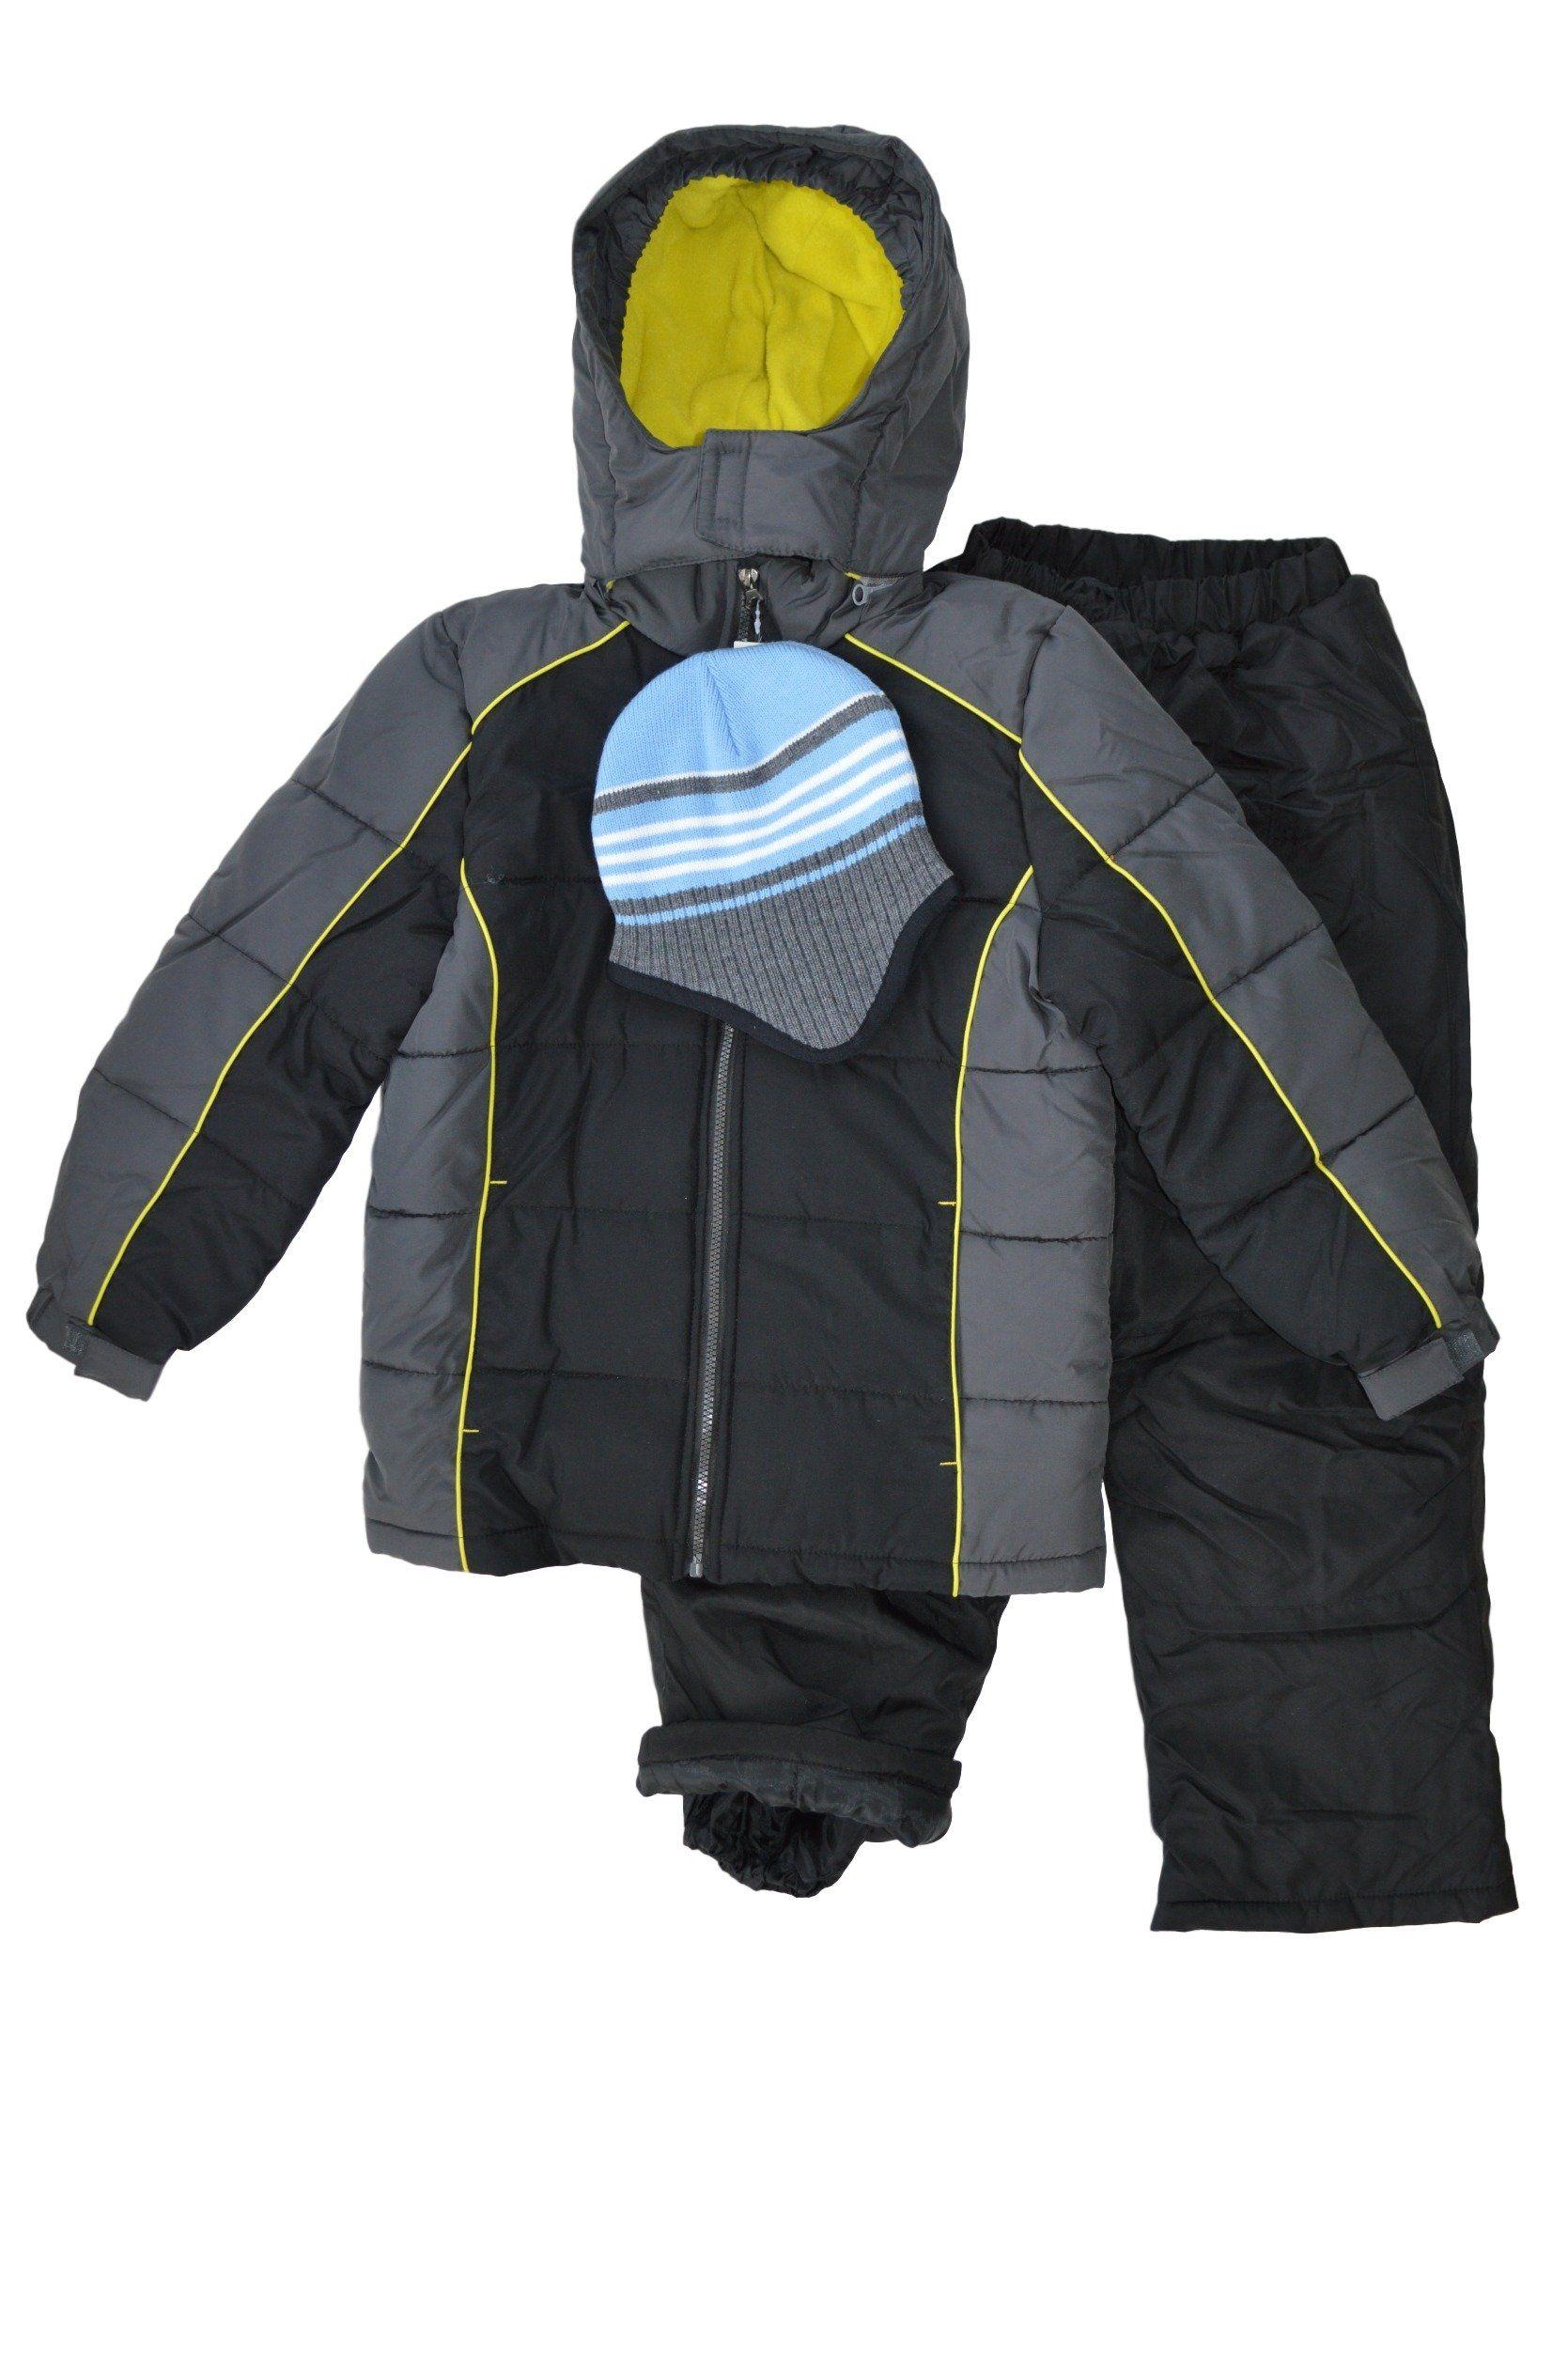 63fa0720c Snowsuits for Kids Boy s 3-Piece Active Snowsuit (10-12